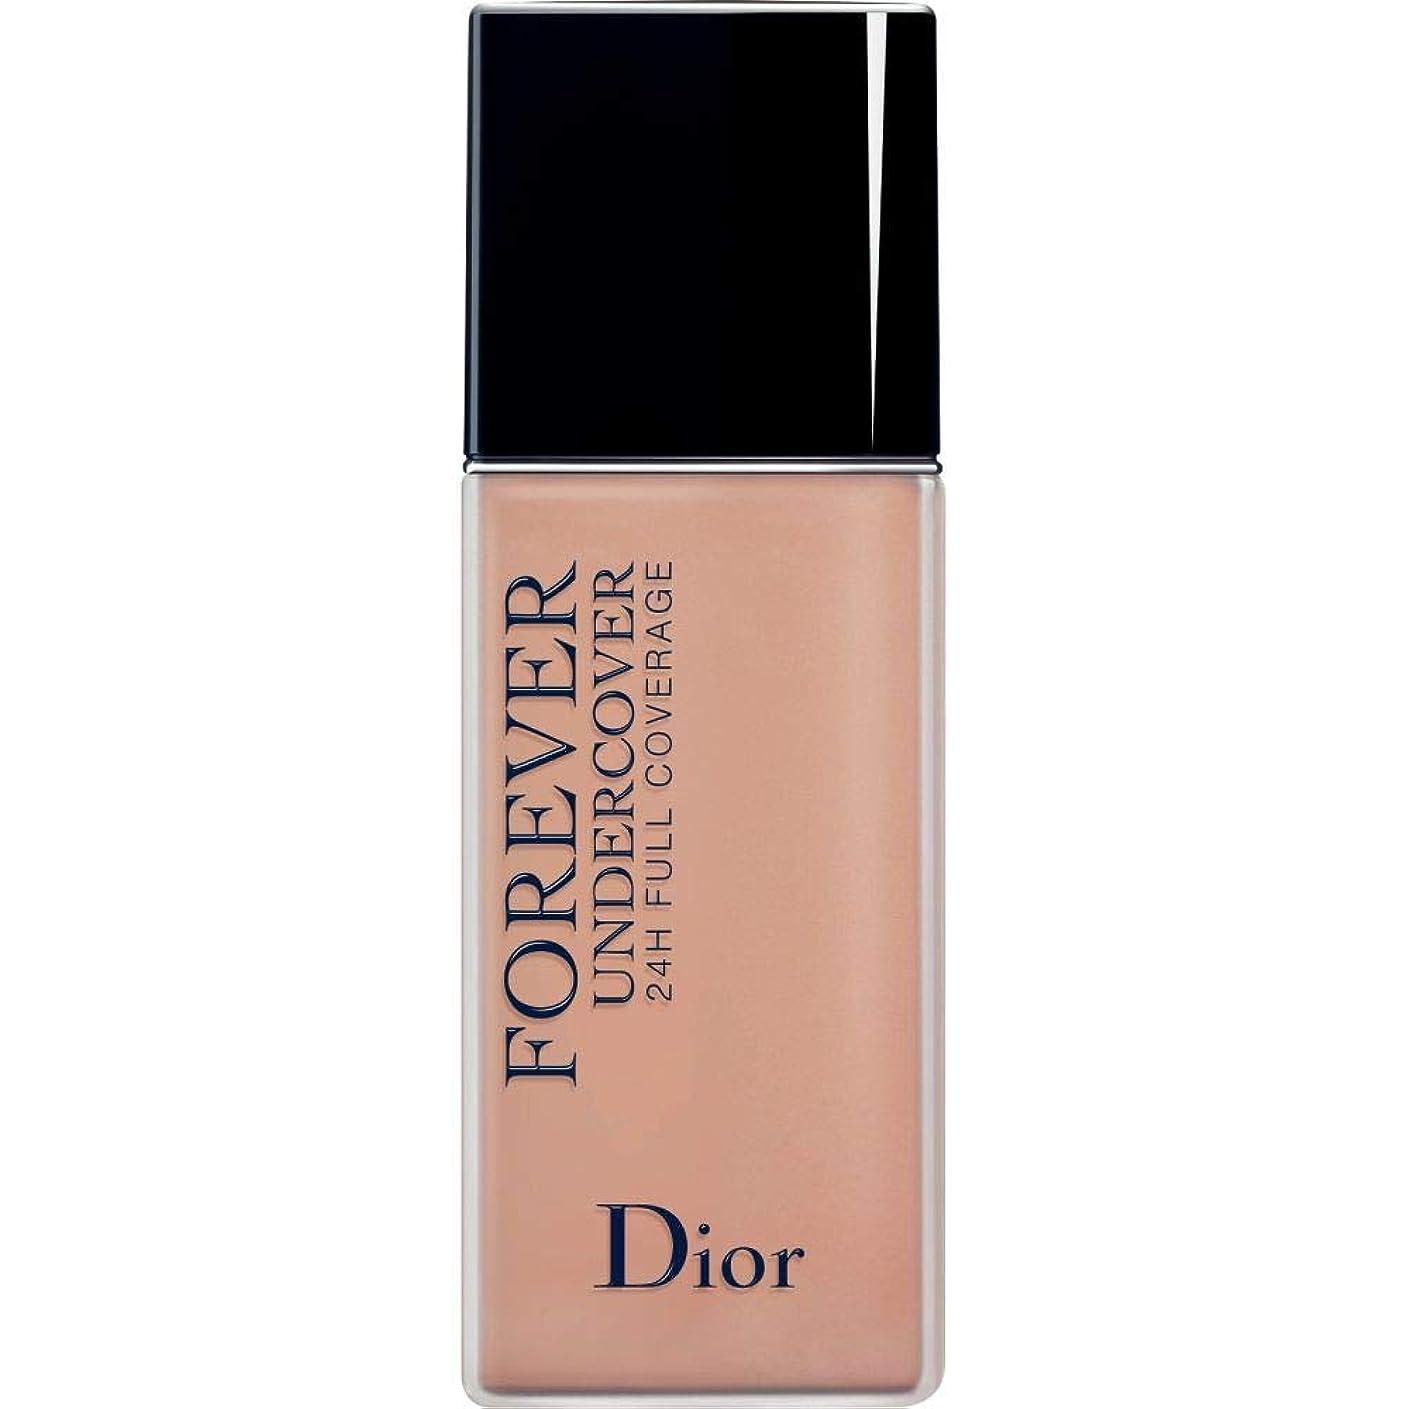 オペラリベラルホームレス[Dior ] ディオールディオールスキン永遠アンダーカバーフルカバーの基礎40ミリリットル034 - アーモンドベージュ - DIOR Diorskin Forever Undercover Full Coverage Foundation 40ml 034 - Almond Beige [並行輸入品]